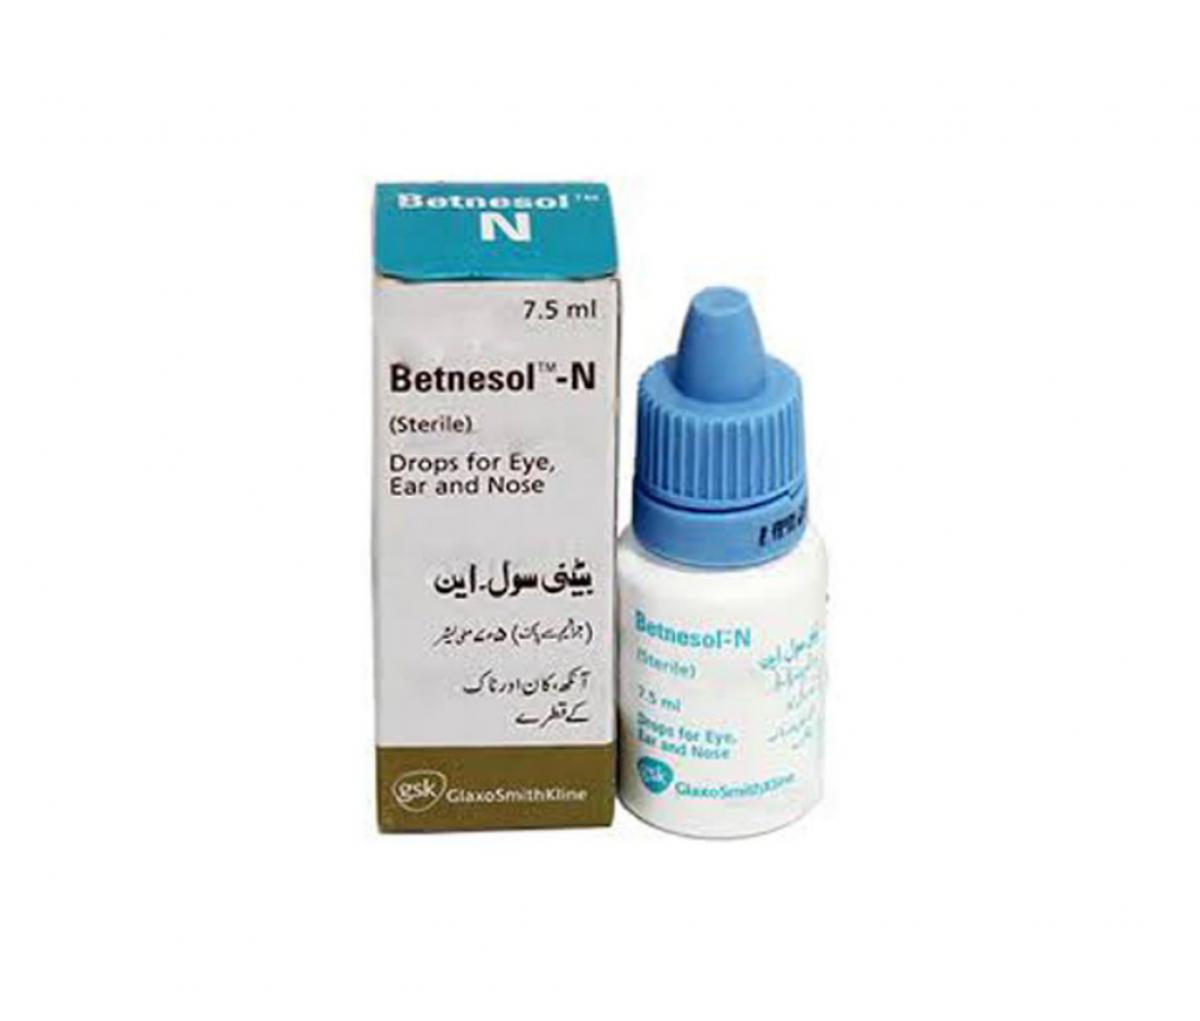 Betnesol N Eye,Ear & Nose Drop 7.5ml